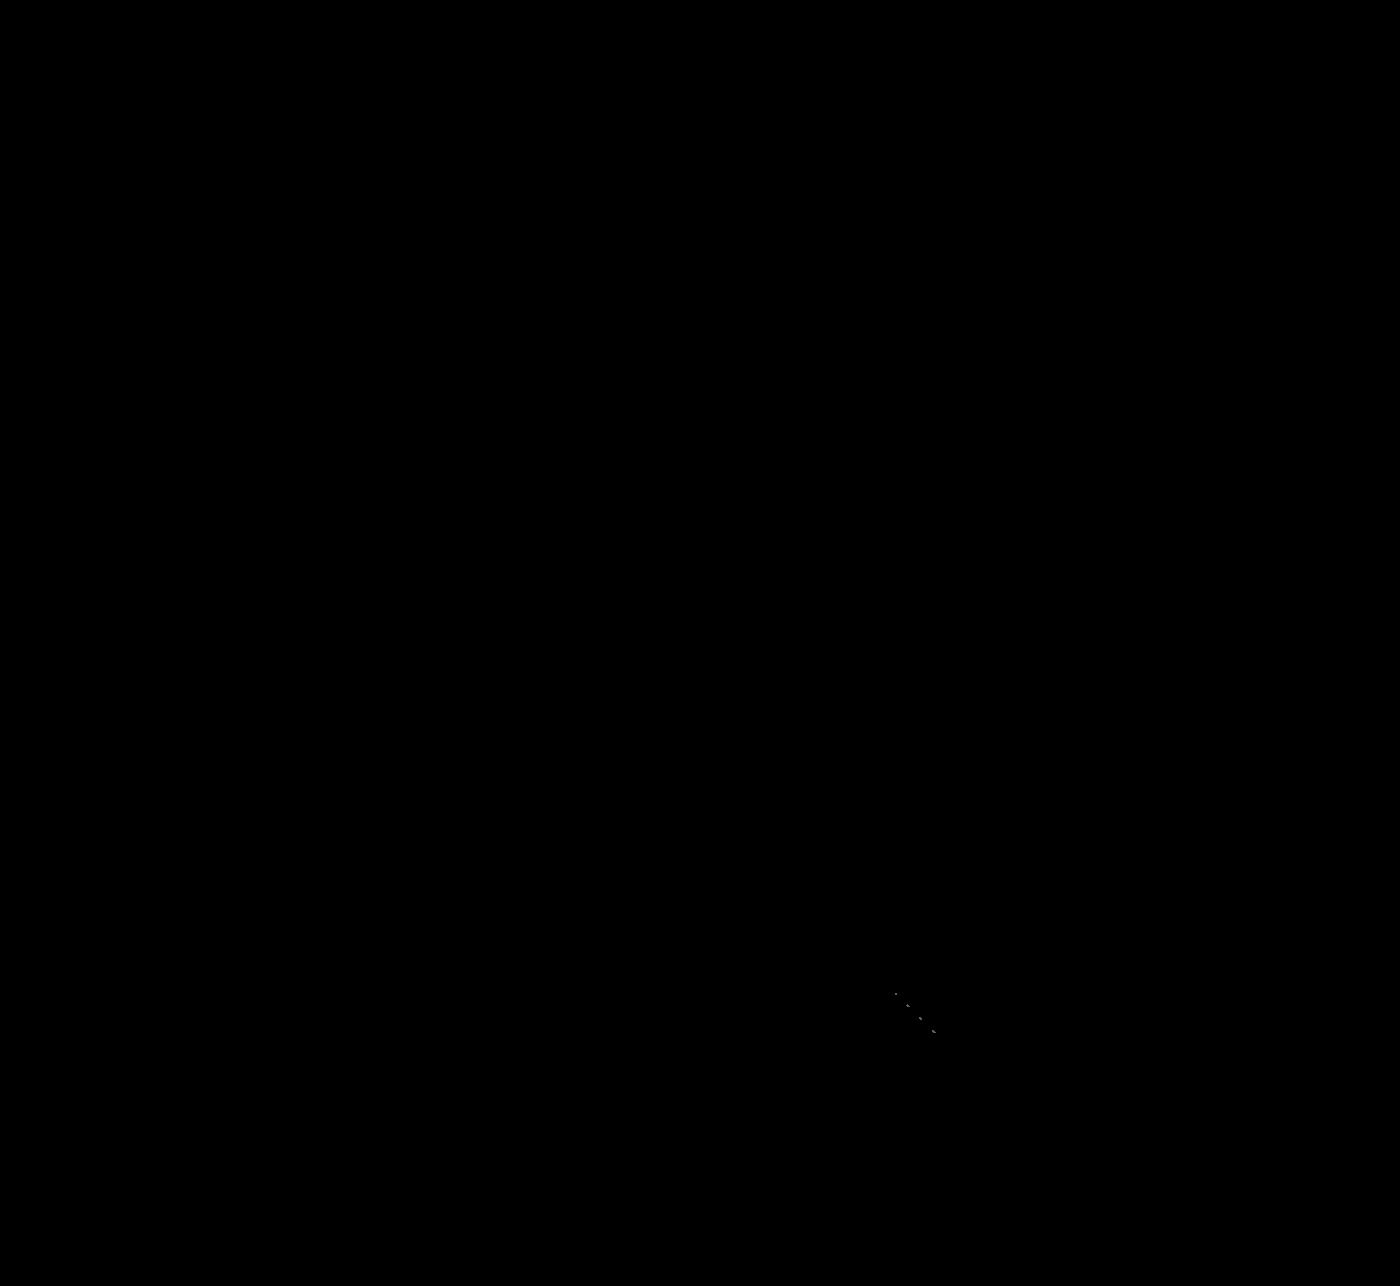 bauhaus-mit-anbauten-dachterrasse-grundriss-eg